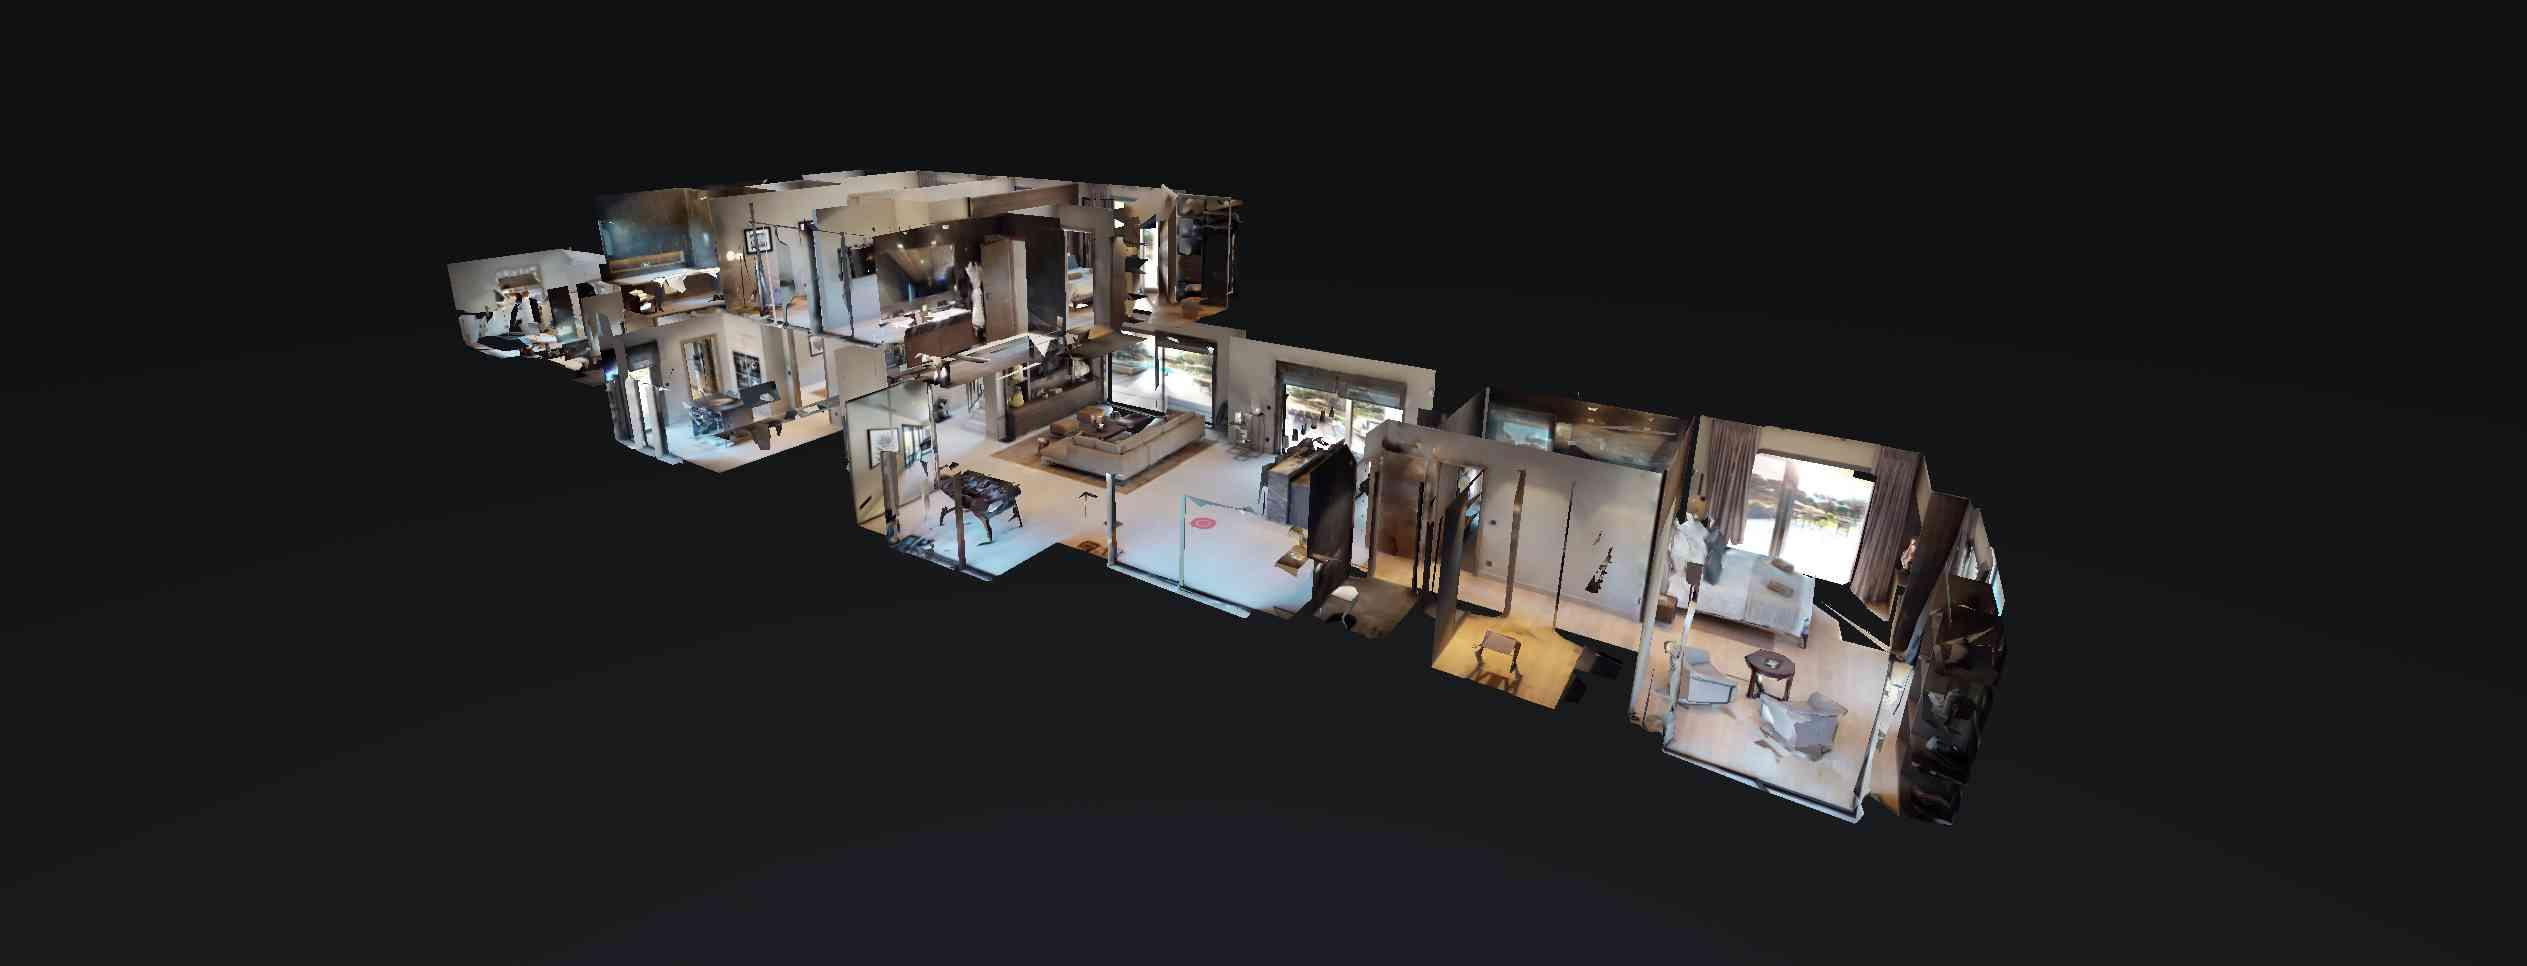 Jean-Francois BOOS   Mouans-Sartoux France   360 3D VR tours